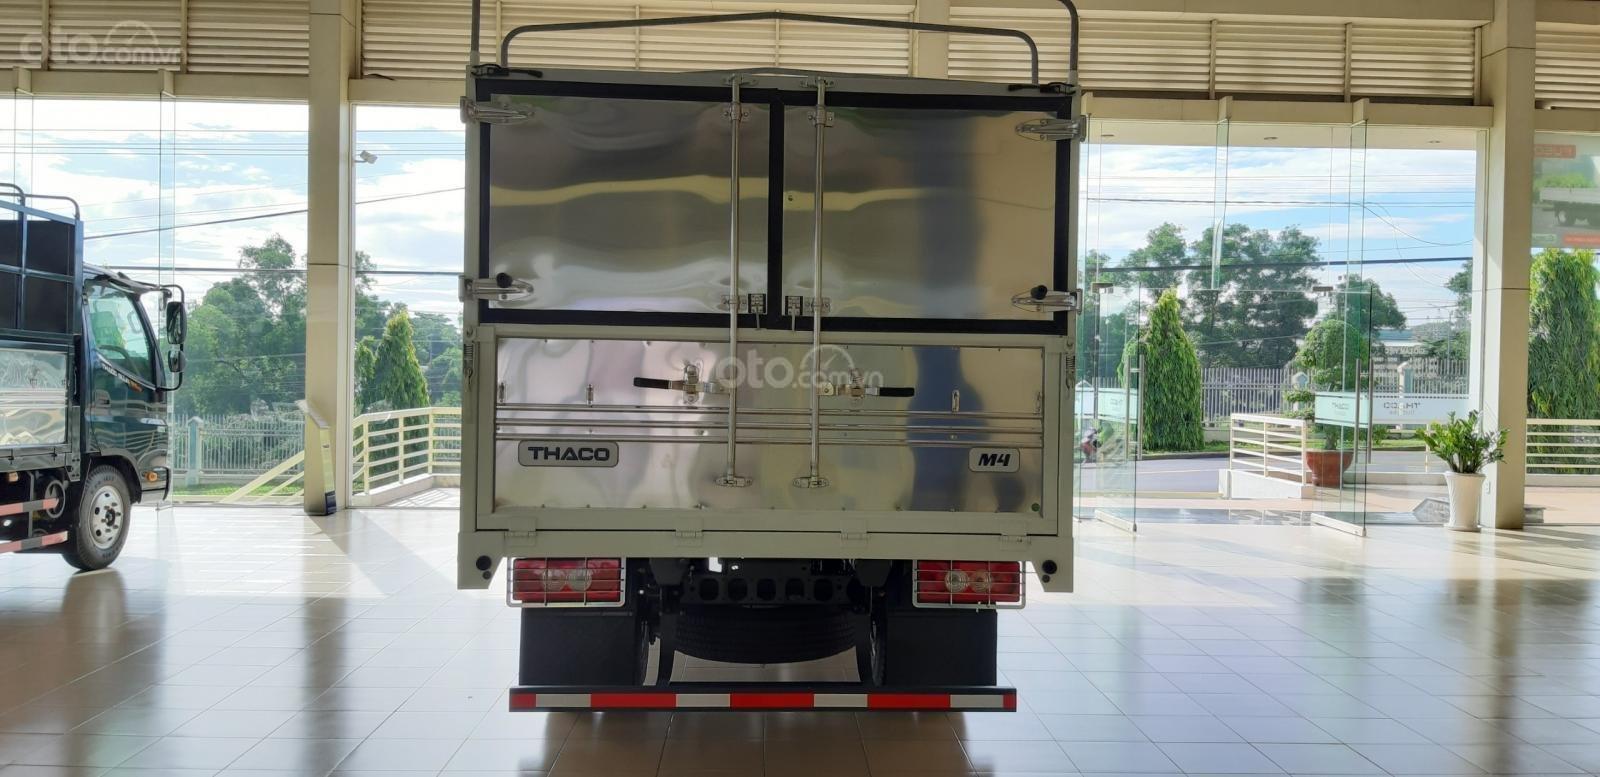 Bán xe tải 3.5 tấn Thaco Foton M4, động cơ Cummins đời 2019. Hỗ trợ trả góp - LH: 0938.933.753 (3)